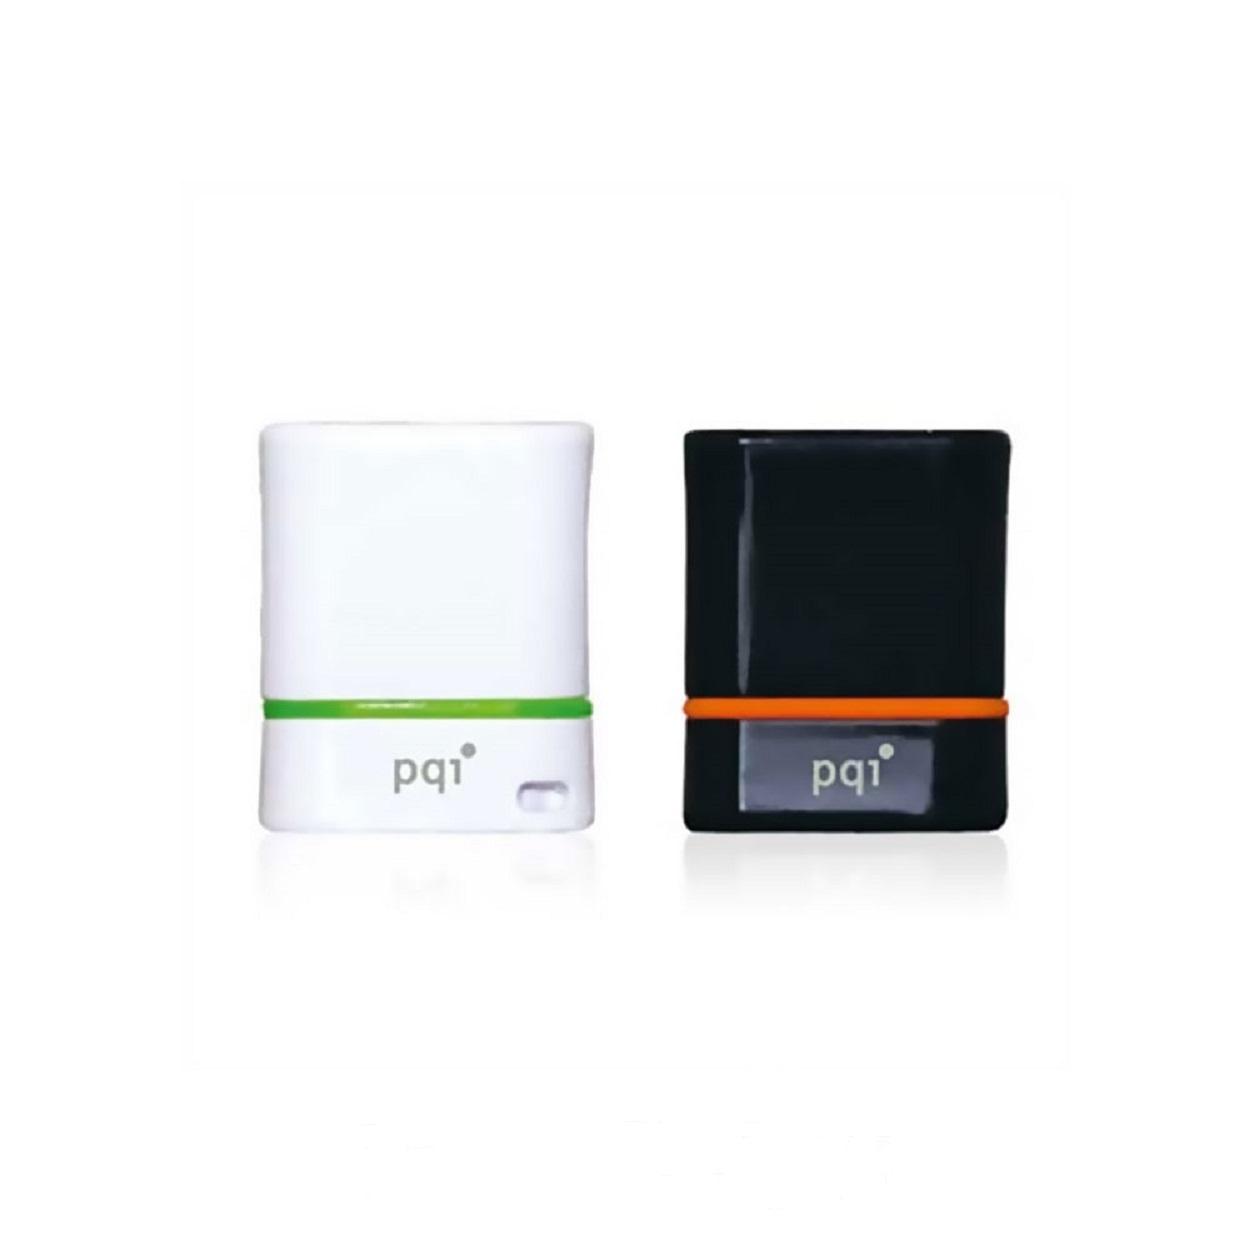 فلش مموری Pqi U601L-8GB